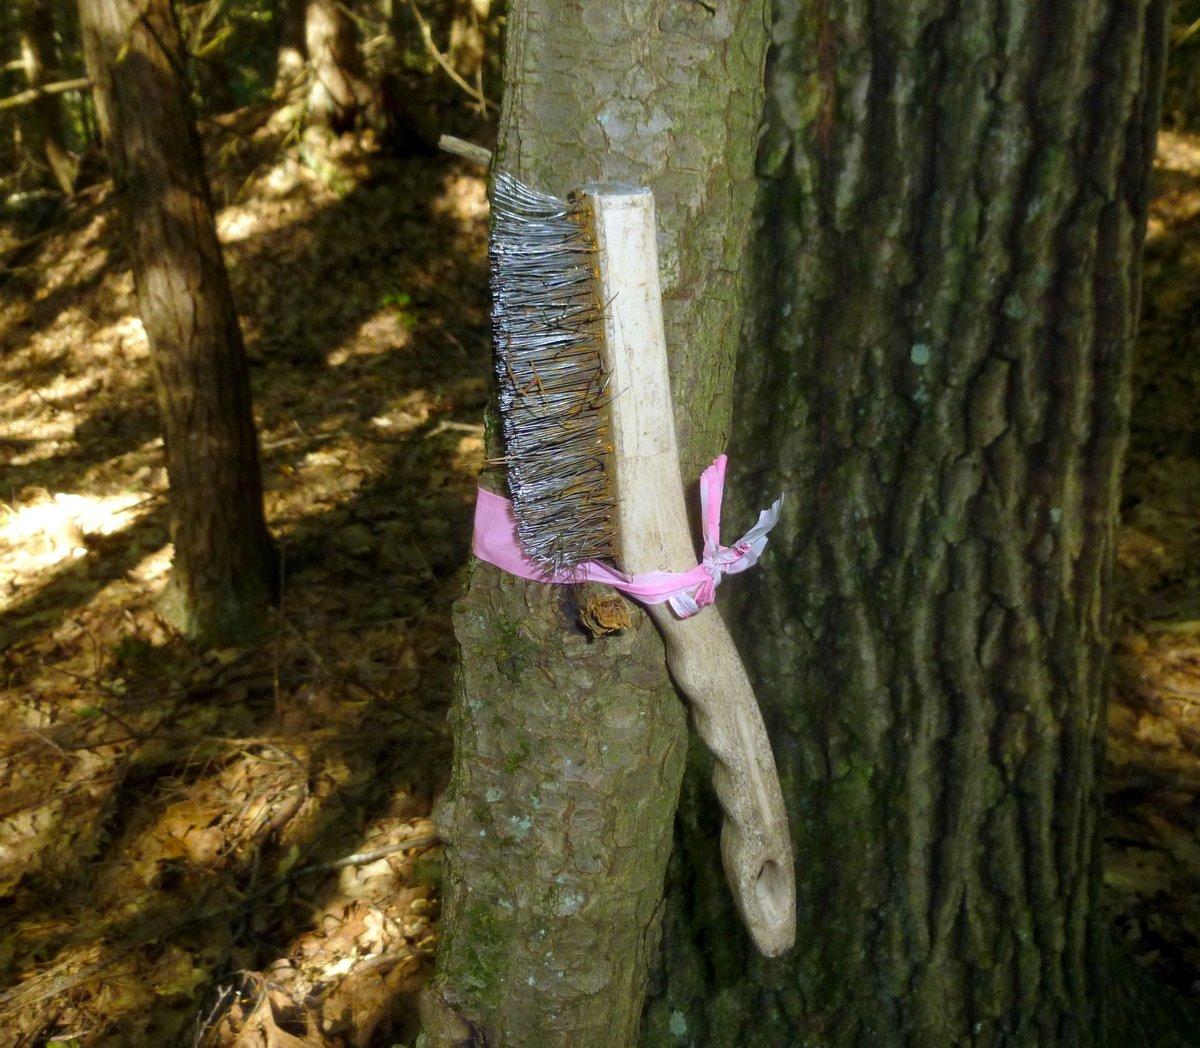 13. Wire Brush